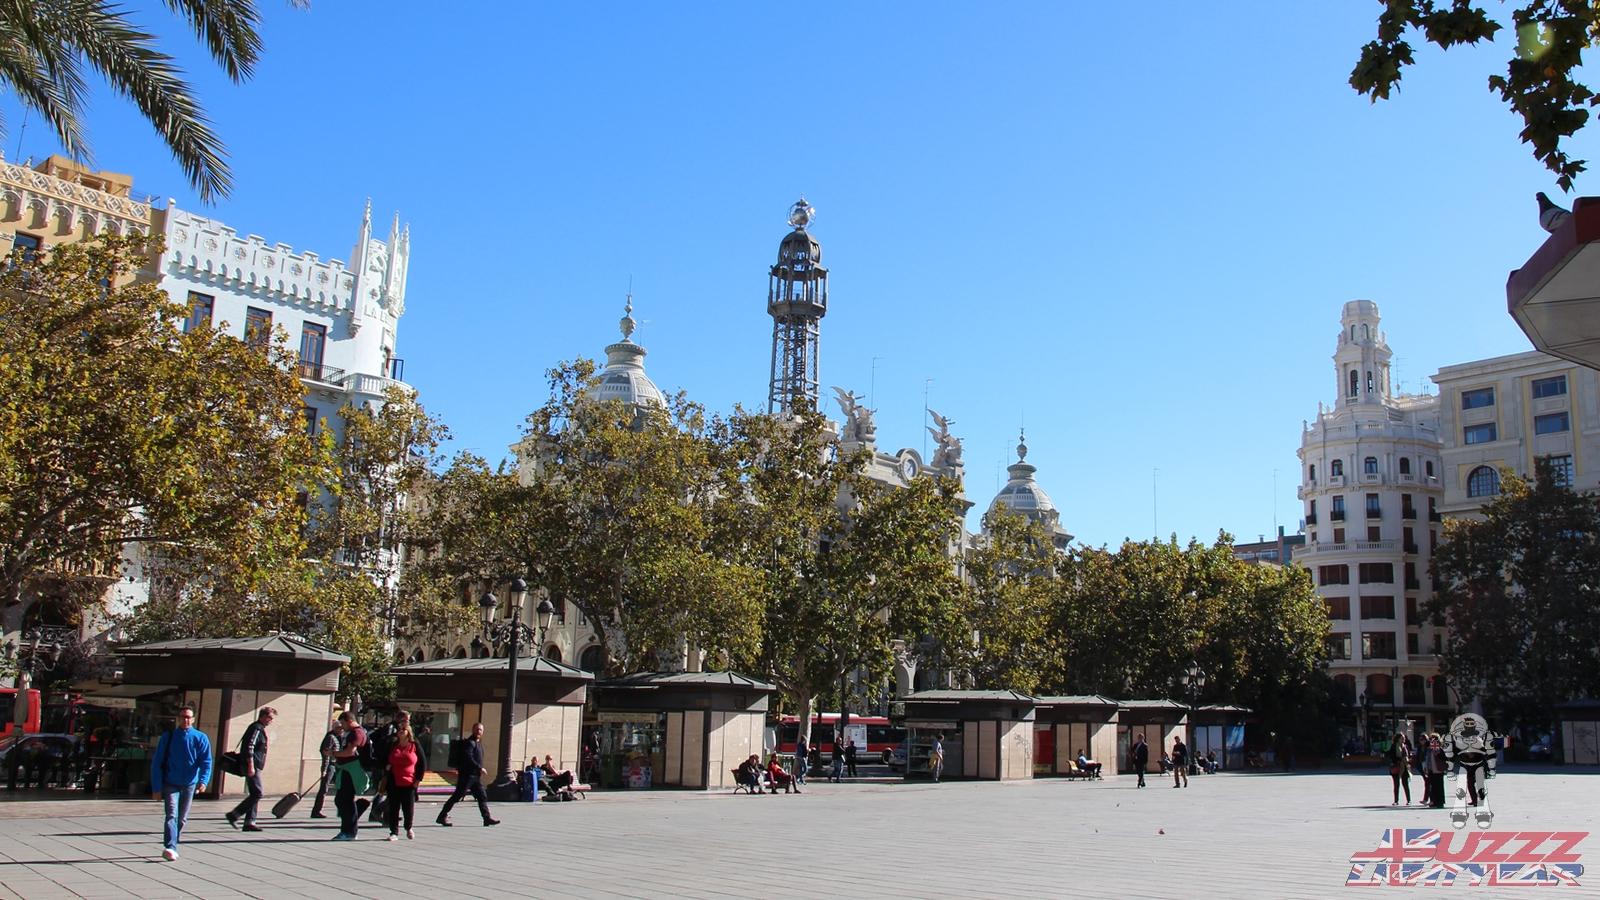 Oui, nous sommes bien début Novembre en plein cœur de Valence!